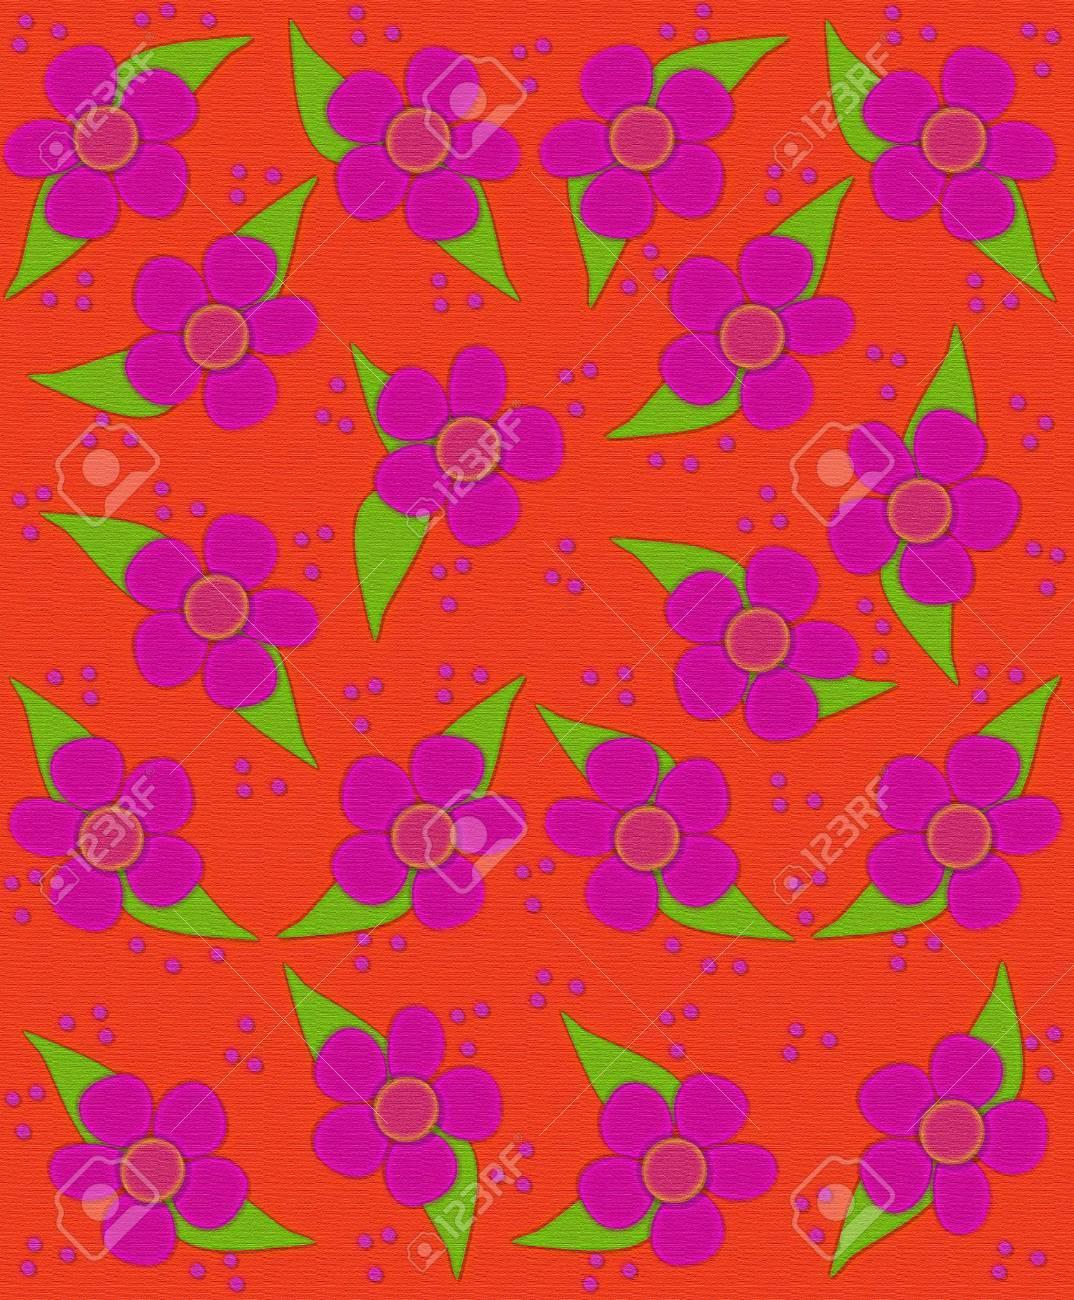 Flores De 70 Estilo De Relleno De Fondo Naranja La Imagen Tiene La Textura Y La Sensación De La Tela Las Flores Dan Unas Pinceladas De Lunares